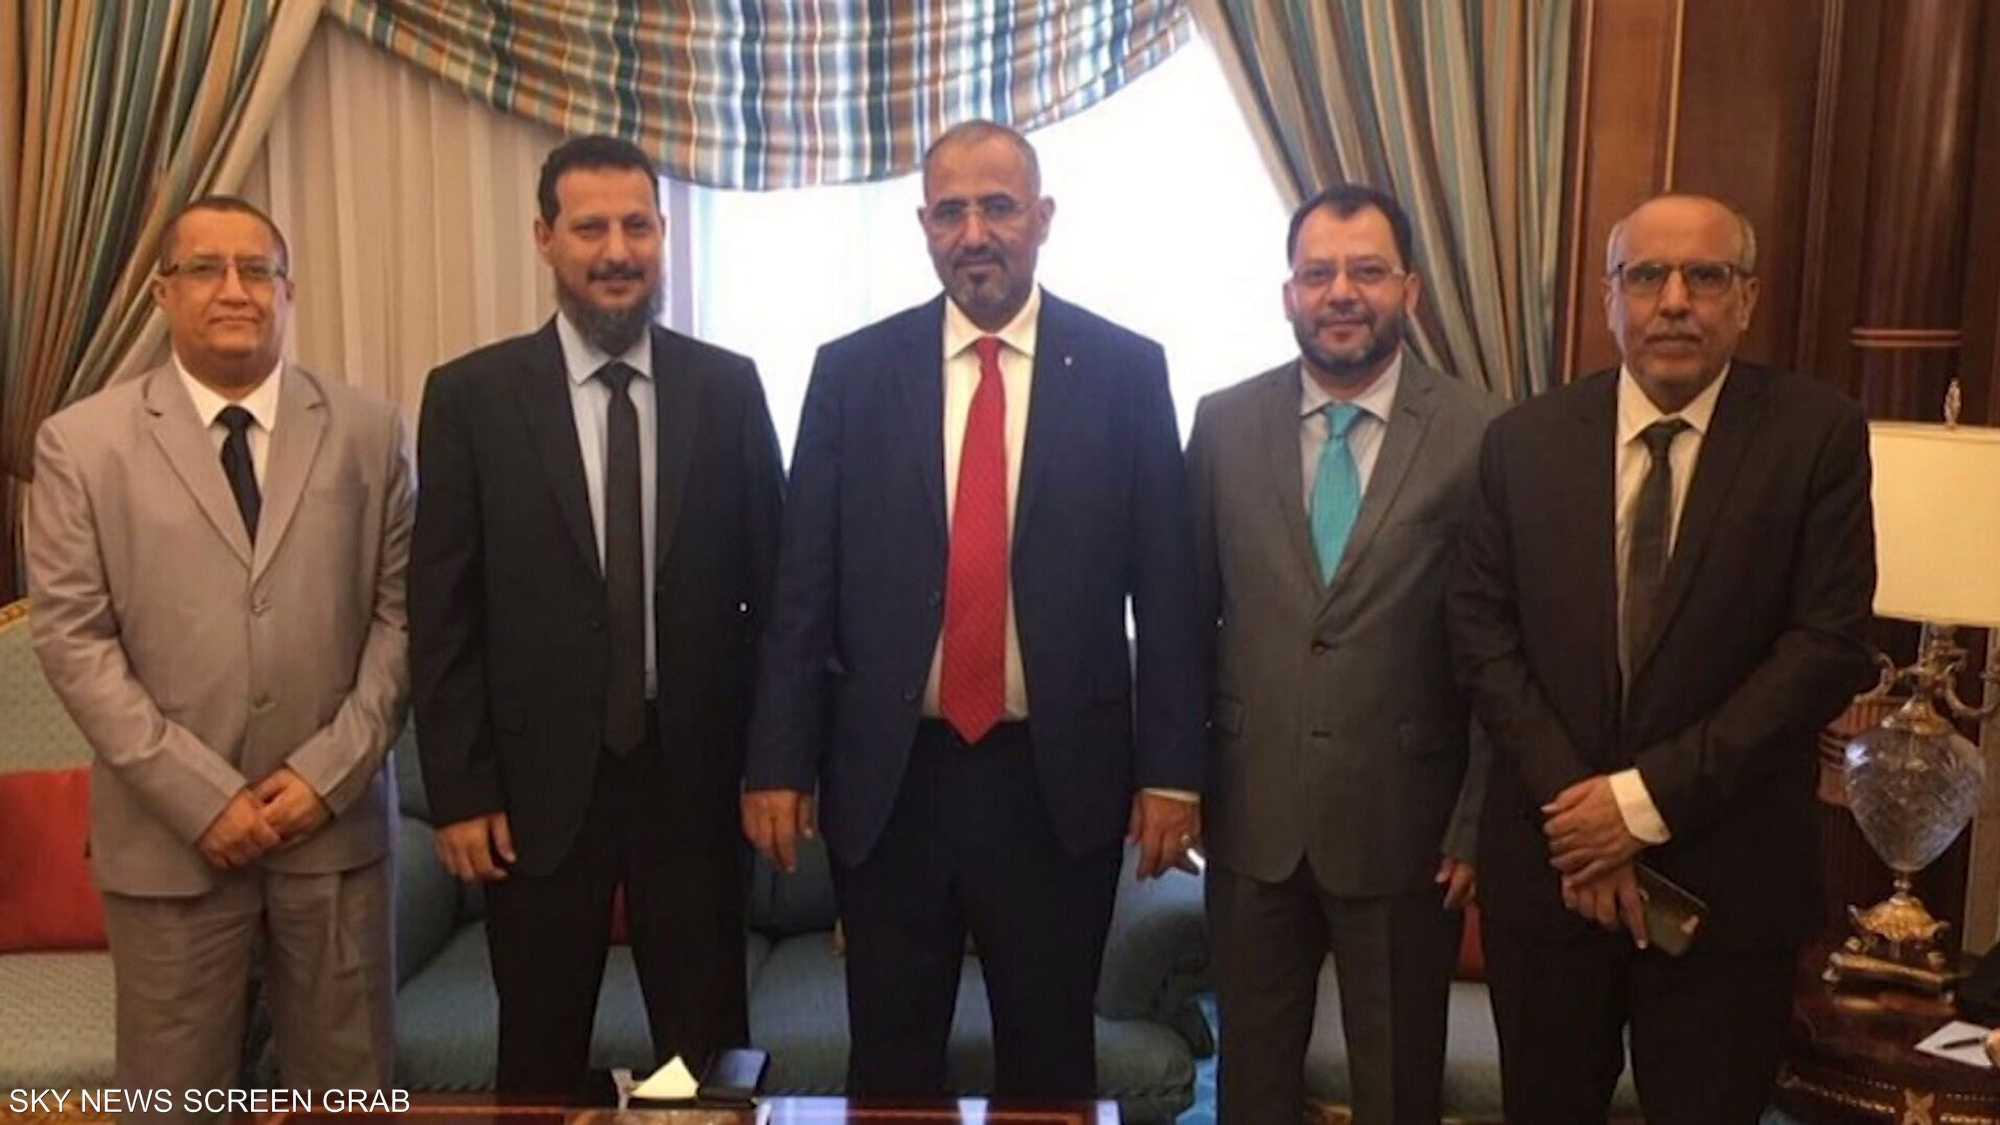 المجلس الانتقالي الجنوبي اليمني يواصل زيارته إلى جدة